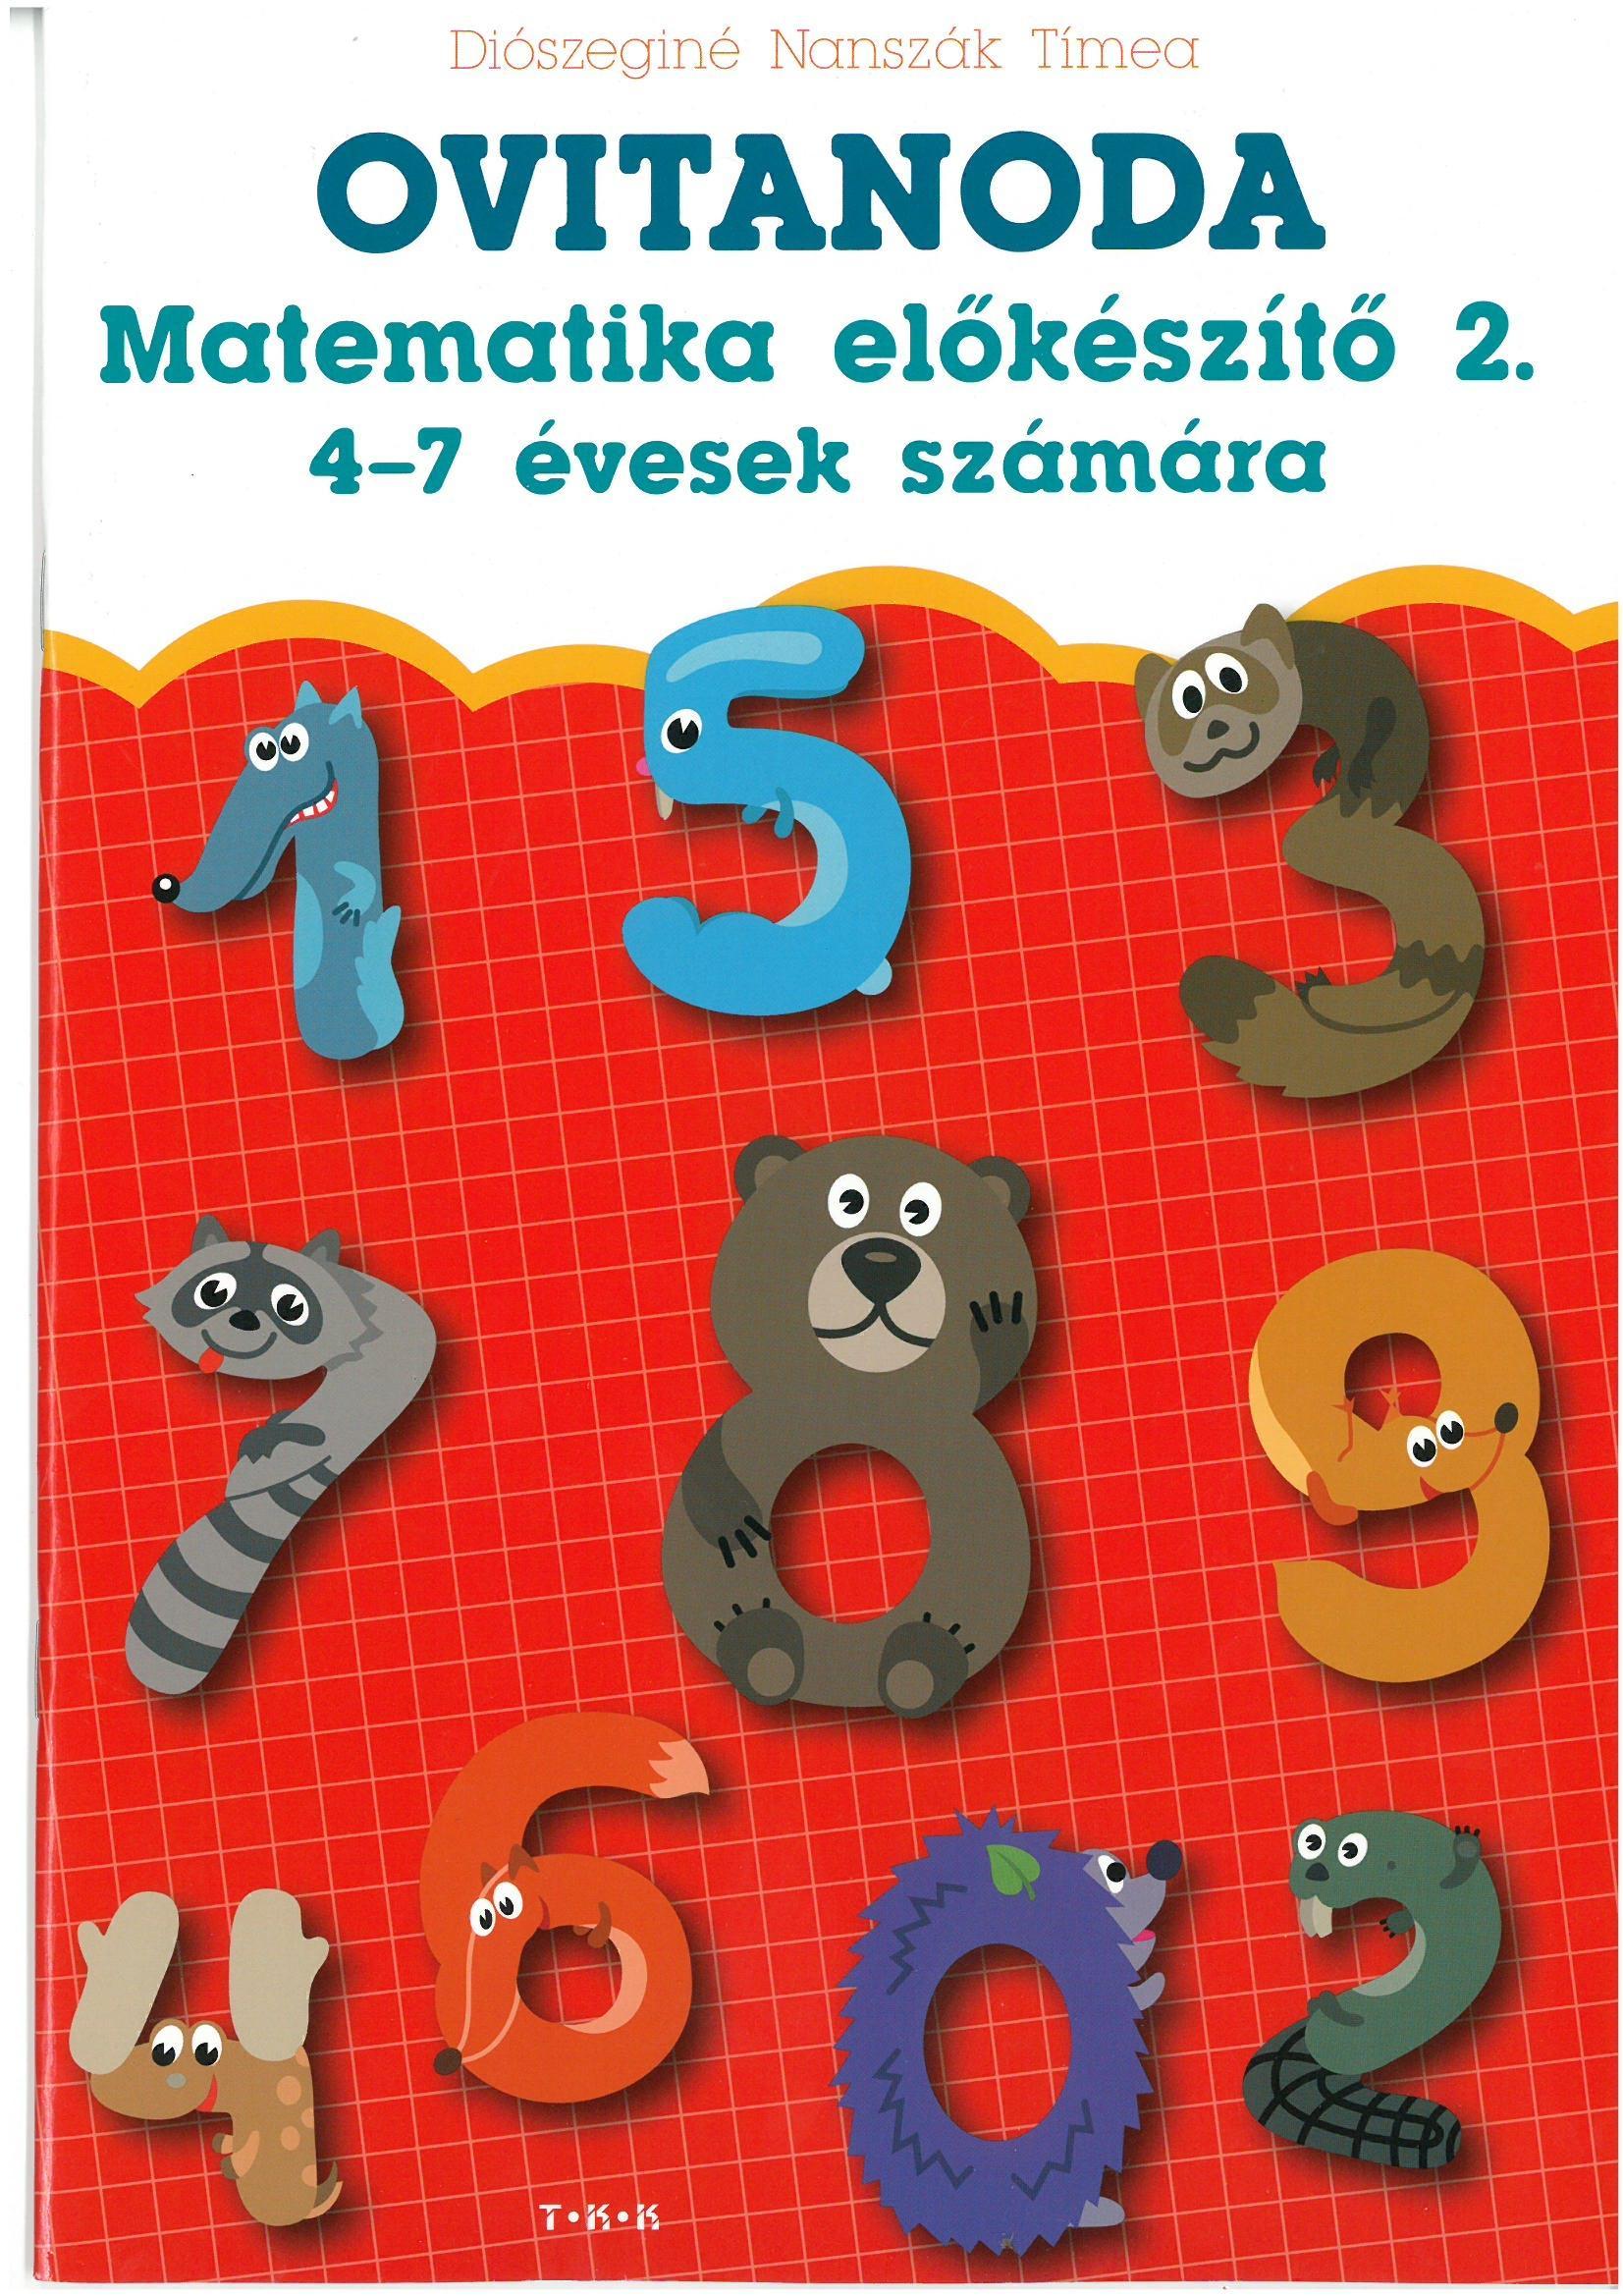 DIÓSZEGINÉ NANSZÁK TÍMEA - OVITANODA - MATEMATIKA ELŐKÉSZÍTŐ 2. 4-7 ÉVESEK SZÁMÁRA